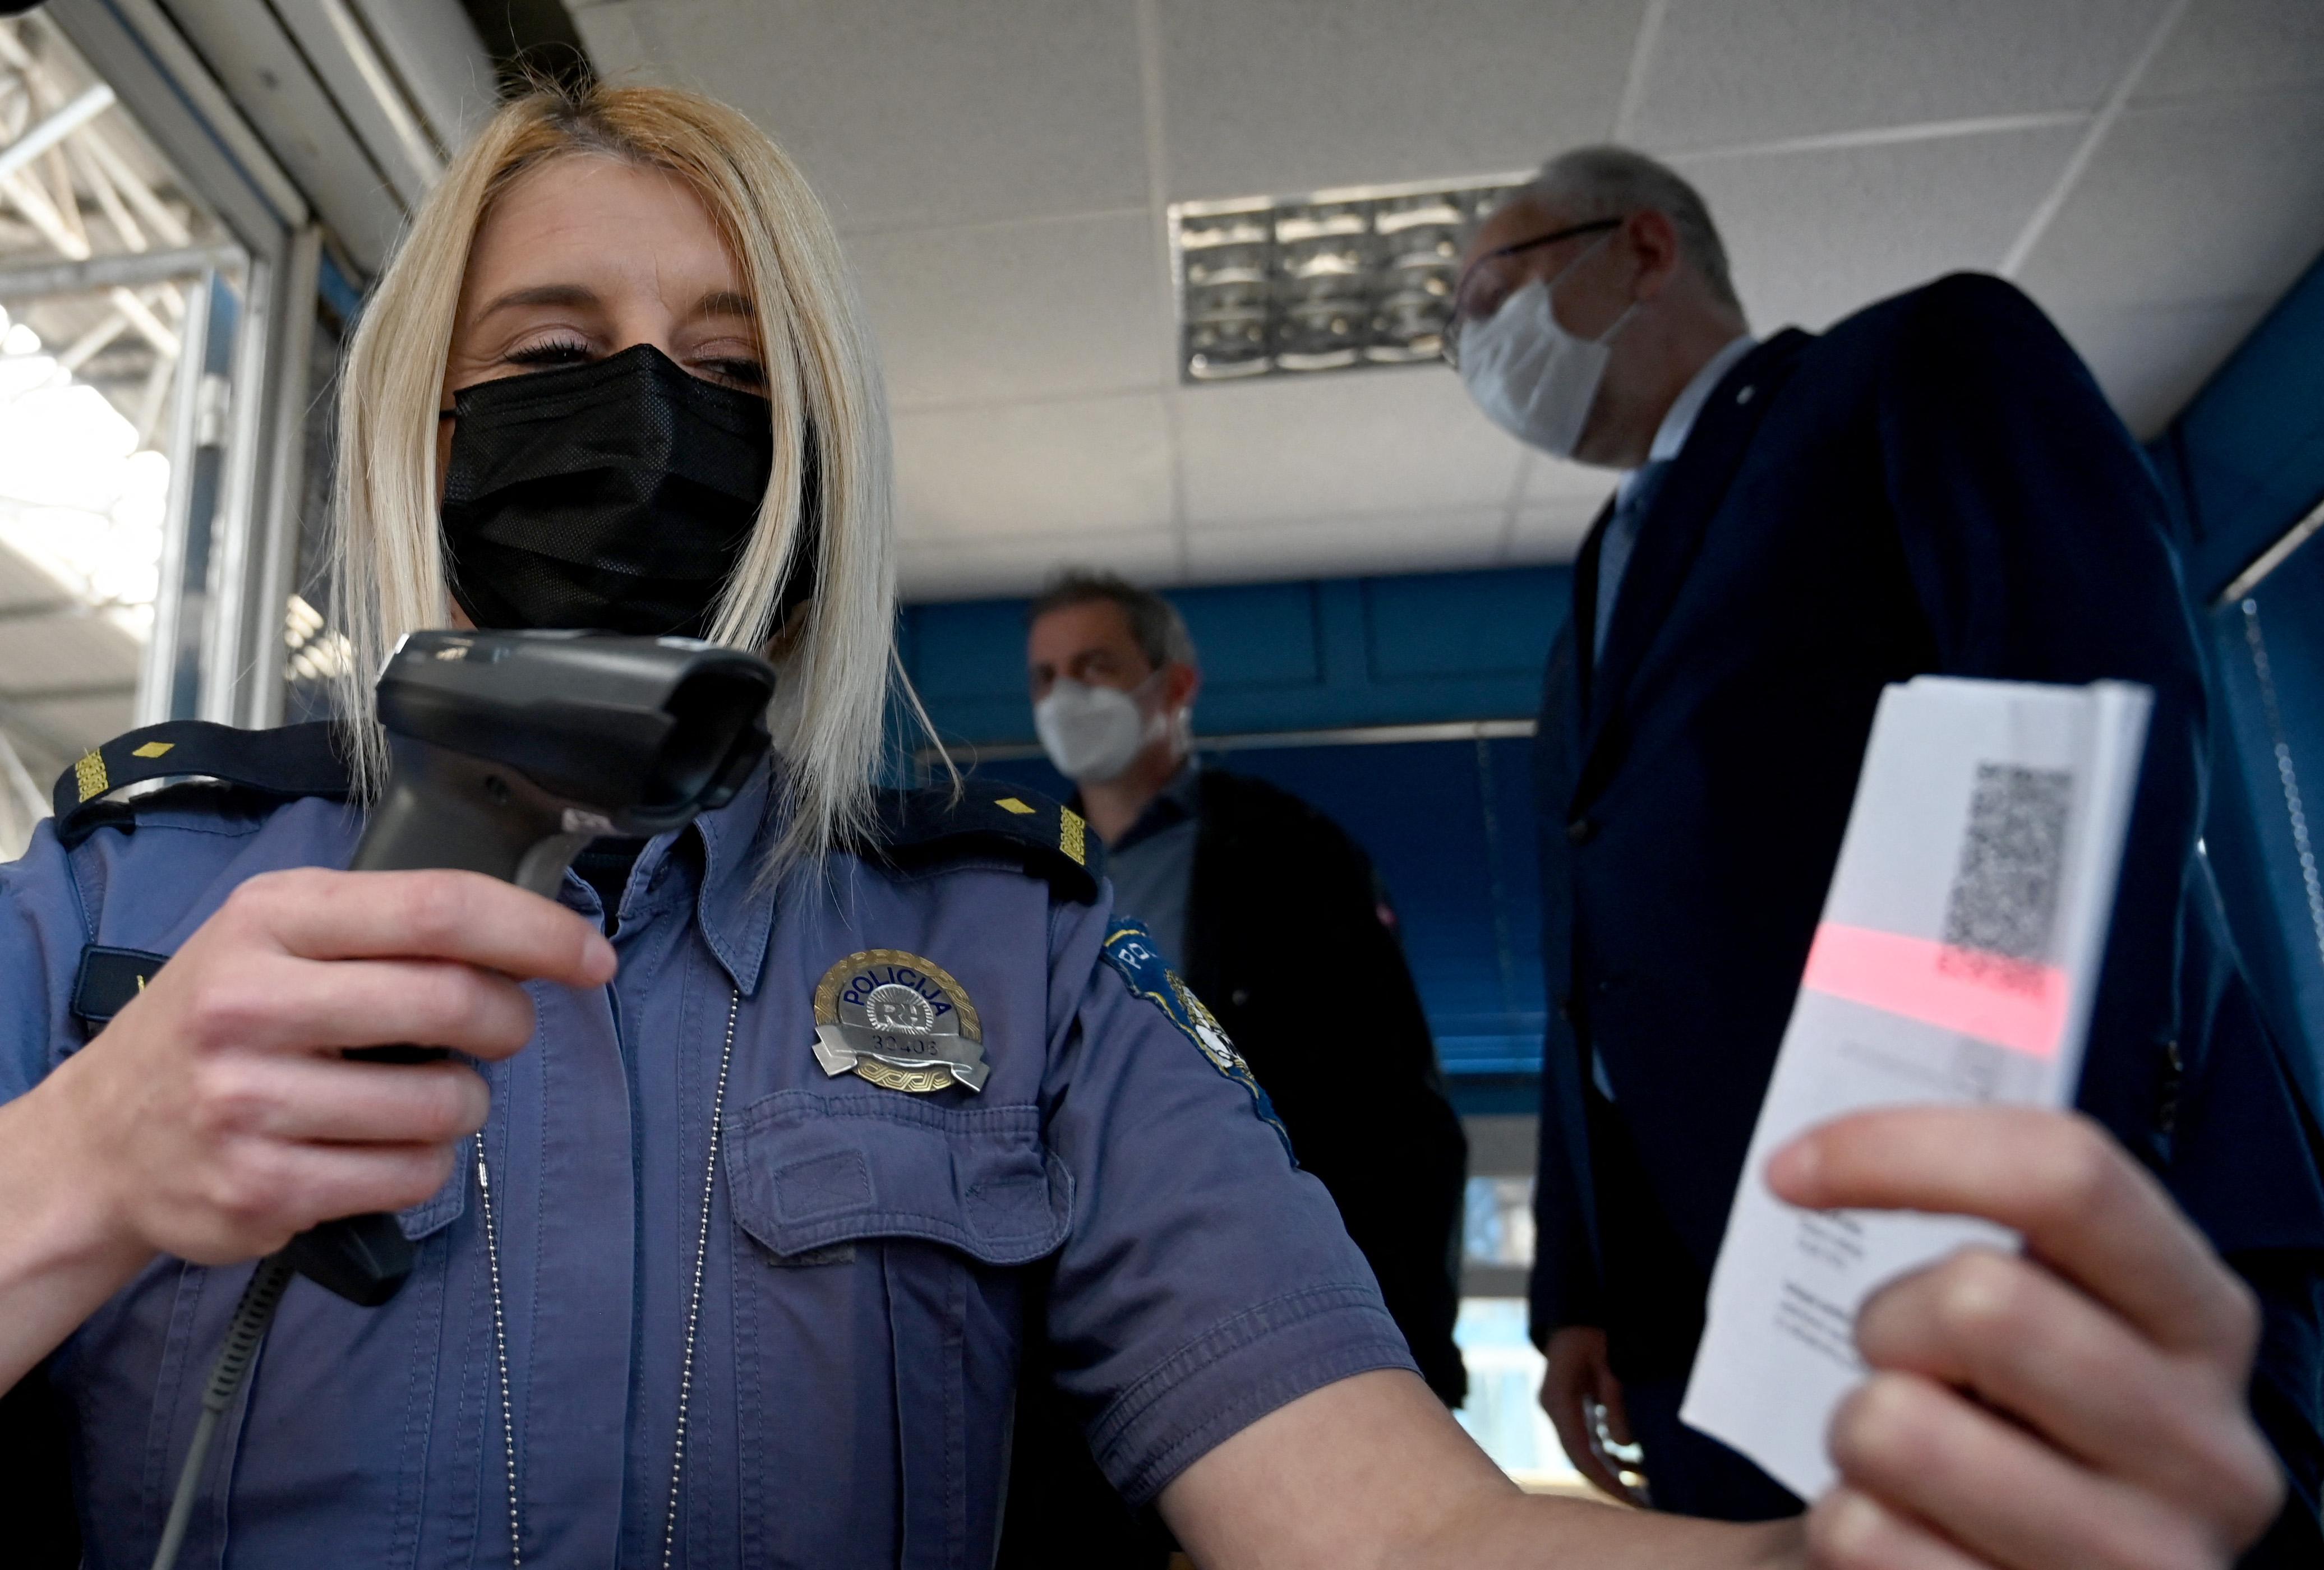 Megjött a szlovénok kedve a védőoltáshoz, amint kötelezővé tették a védettségi igazolványt